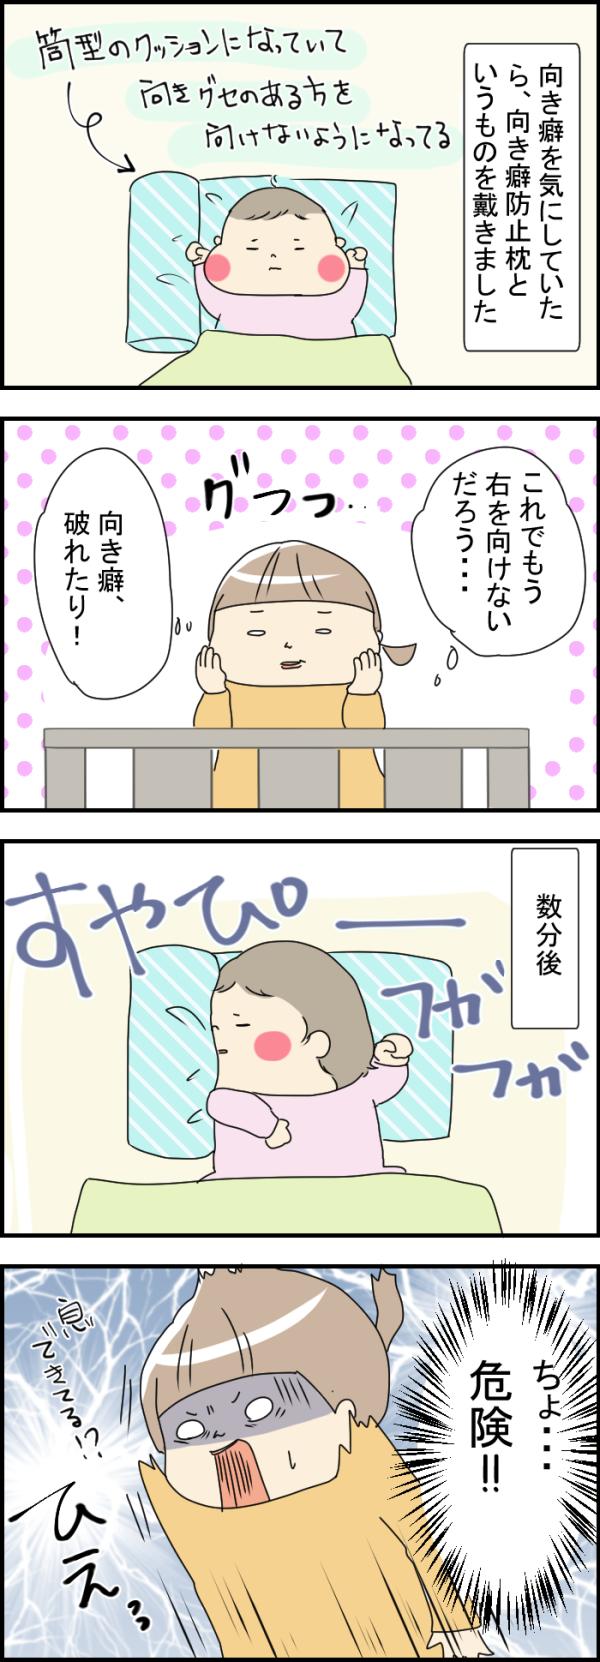 右側ばかり向いてしまう我が子。「向き癖防止枕」を試してみました 育てつ育てられつ第23回の画像1